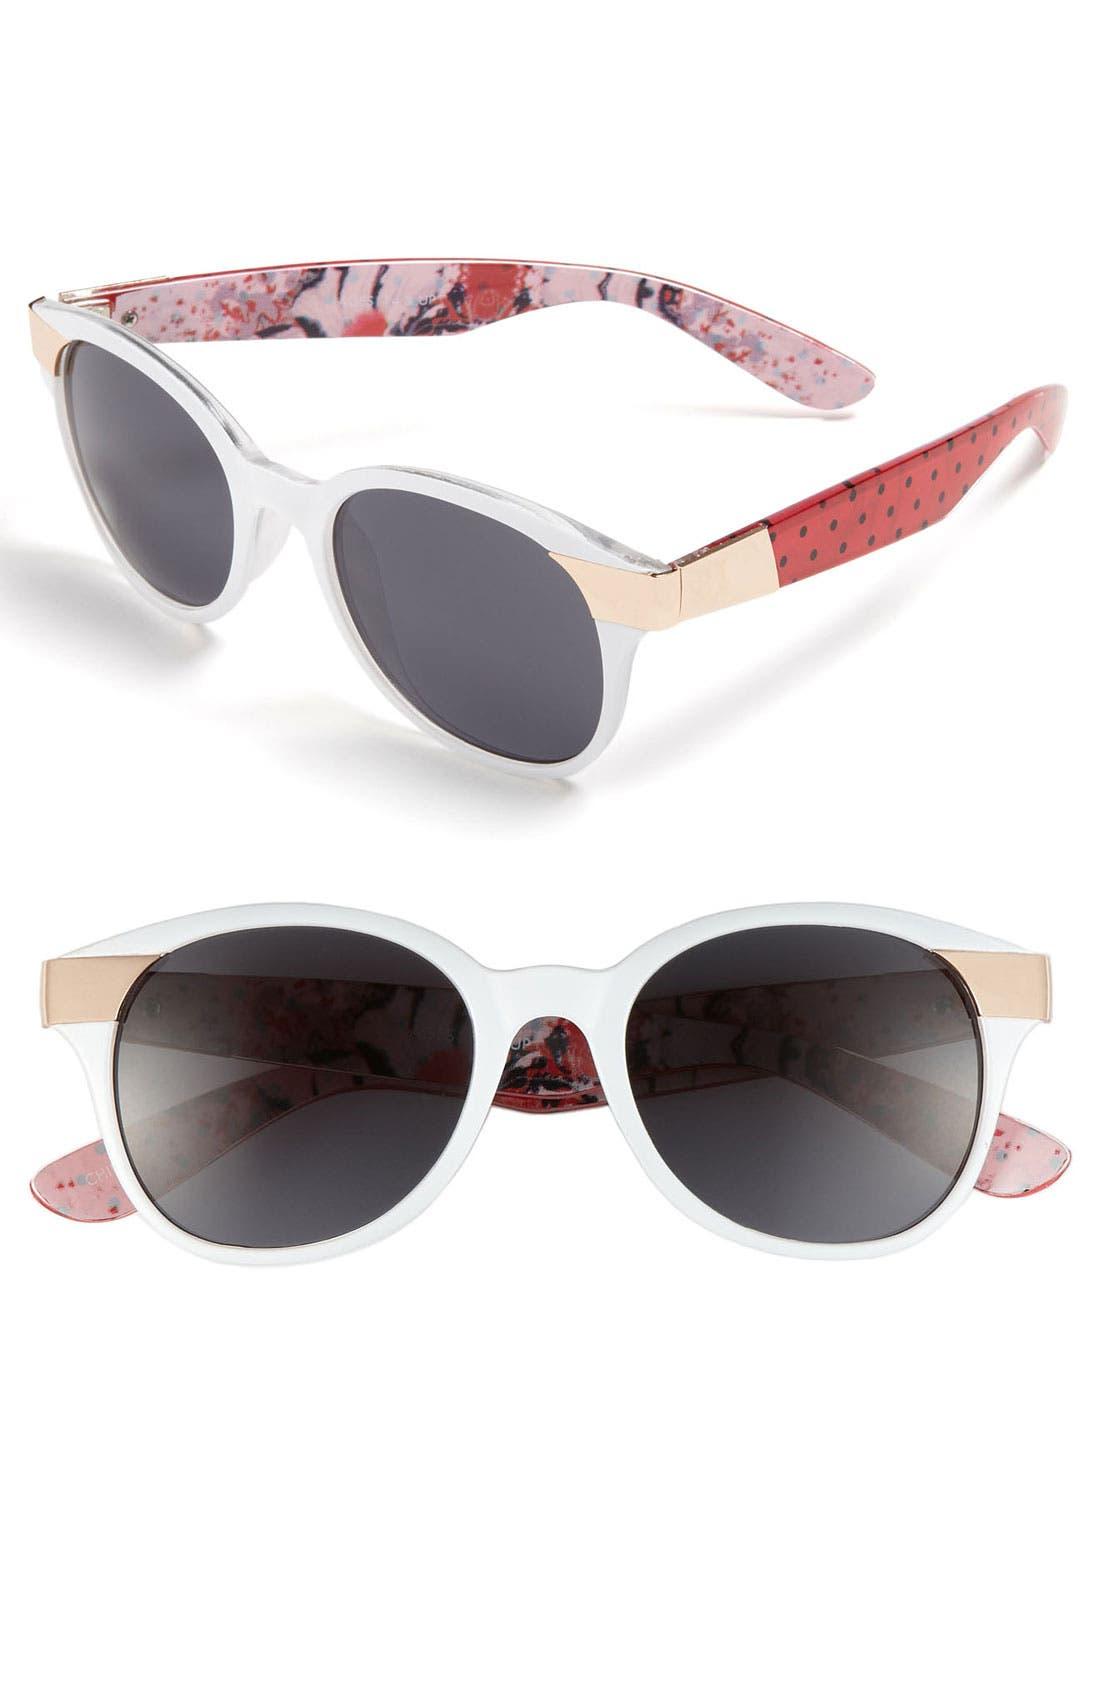 Main Image - FE NY 'Cadillac Ranch' Sunglasses